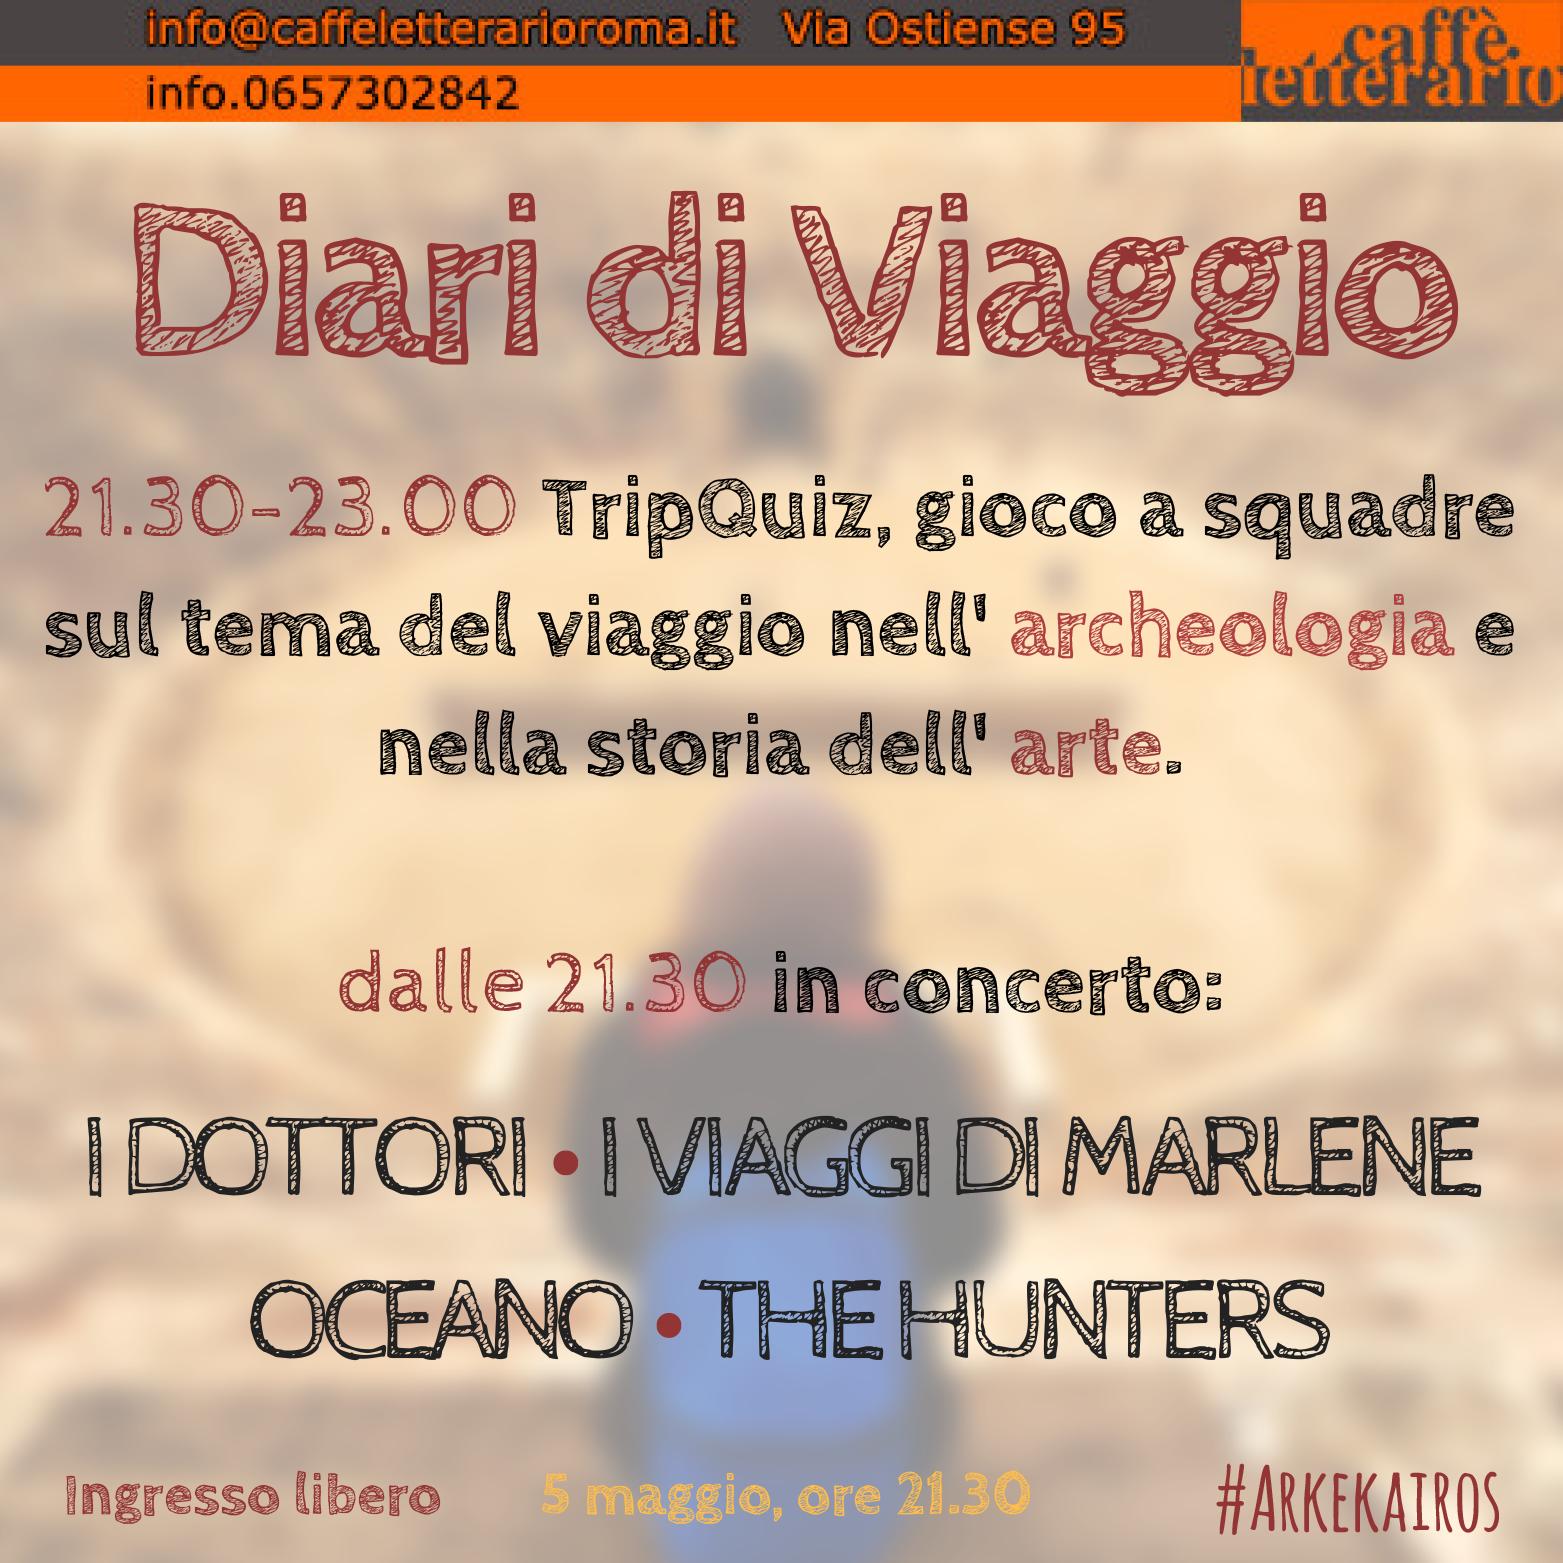 17_05_05_diariviaggio